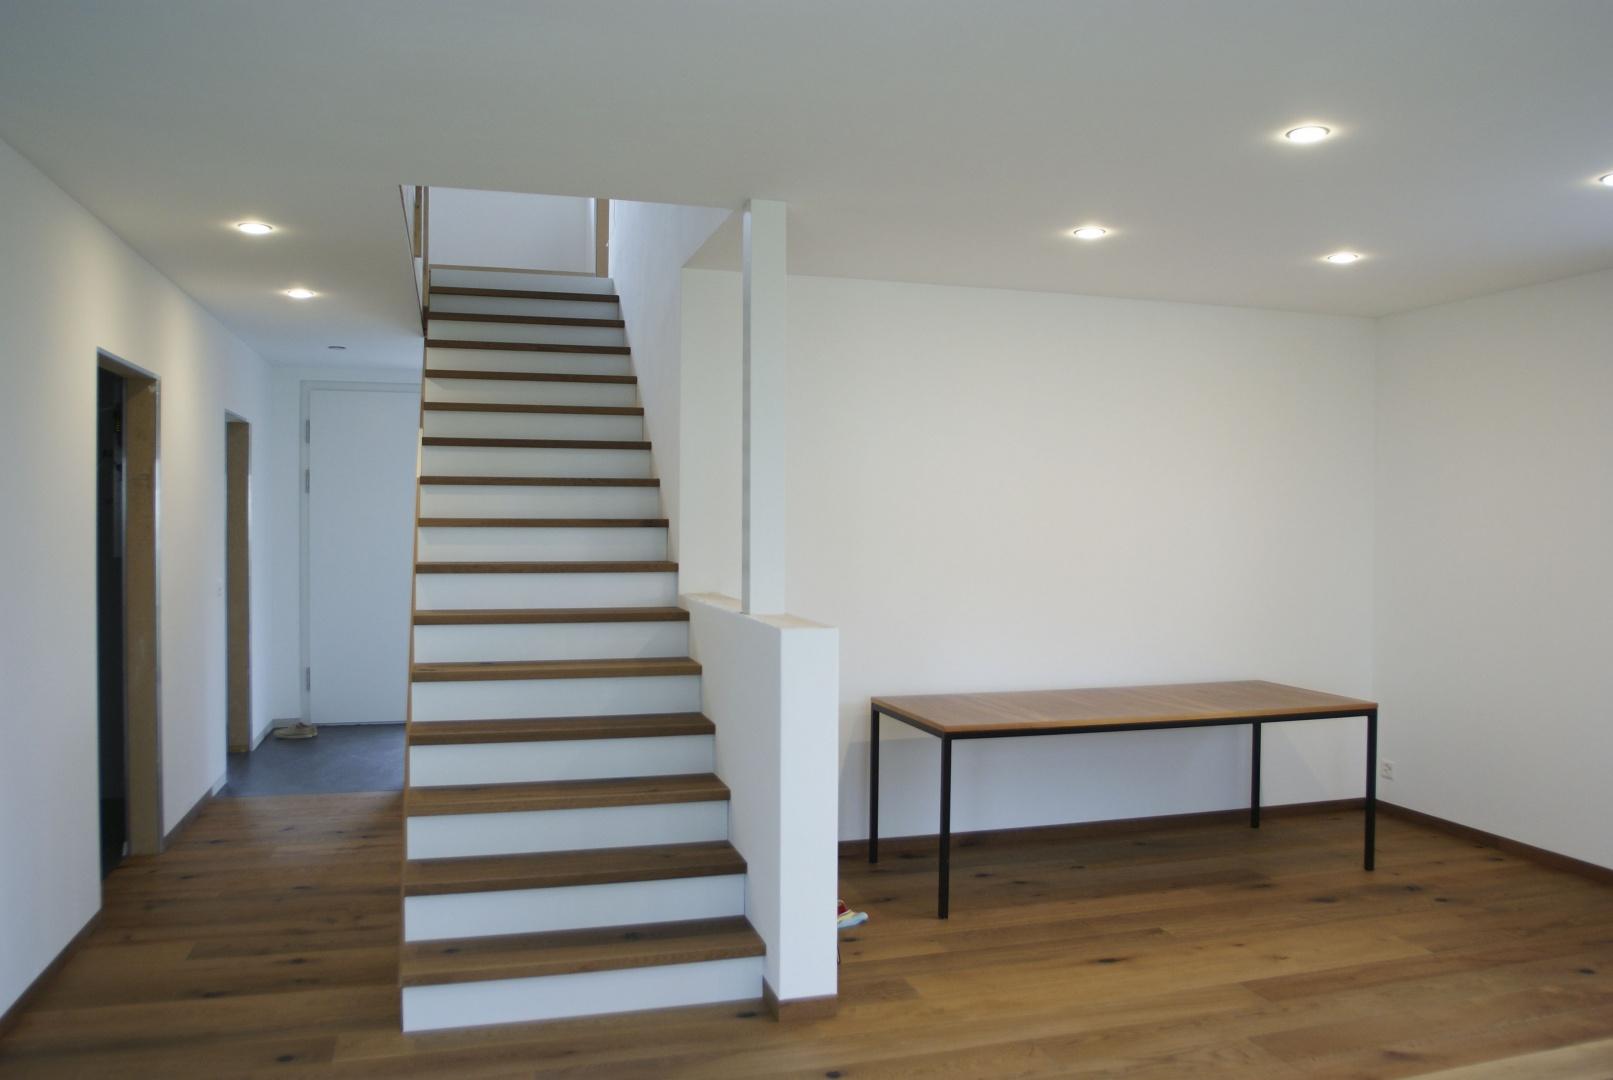 Wohnzimmer © Roth Architektur, Tal 34, 5705 Hallwil